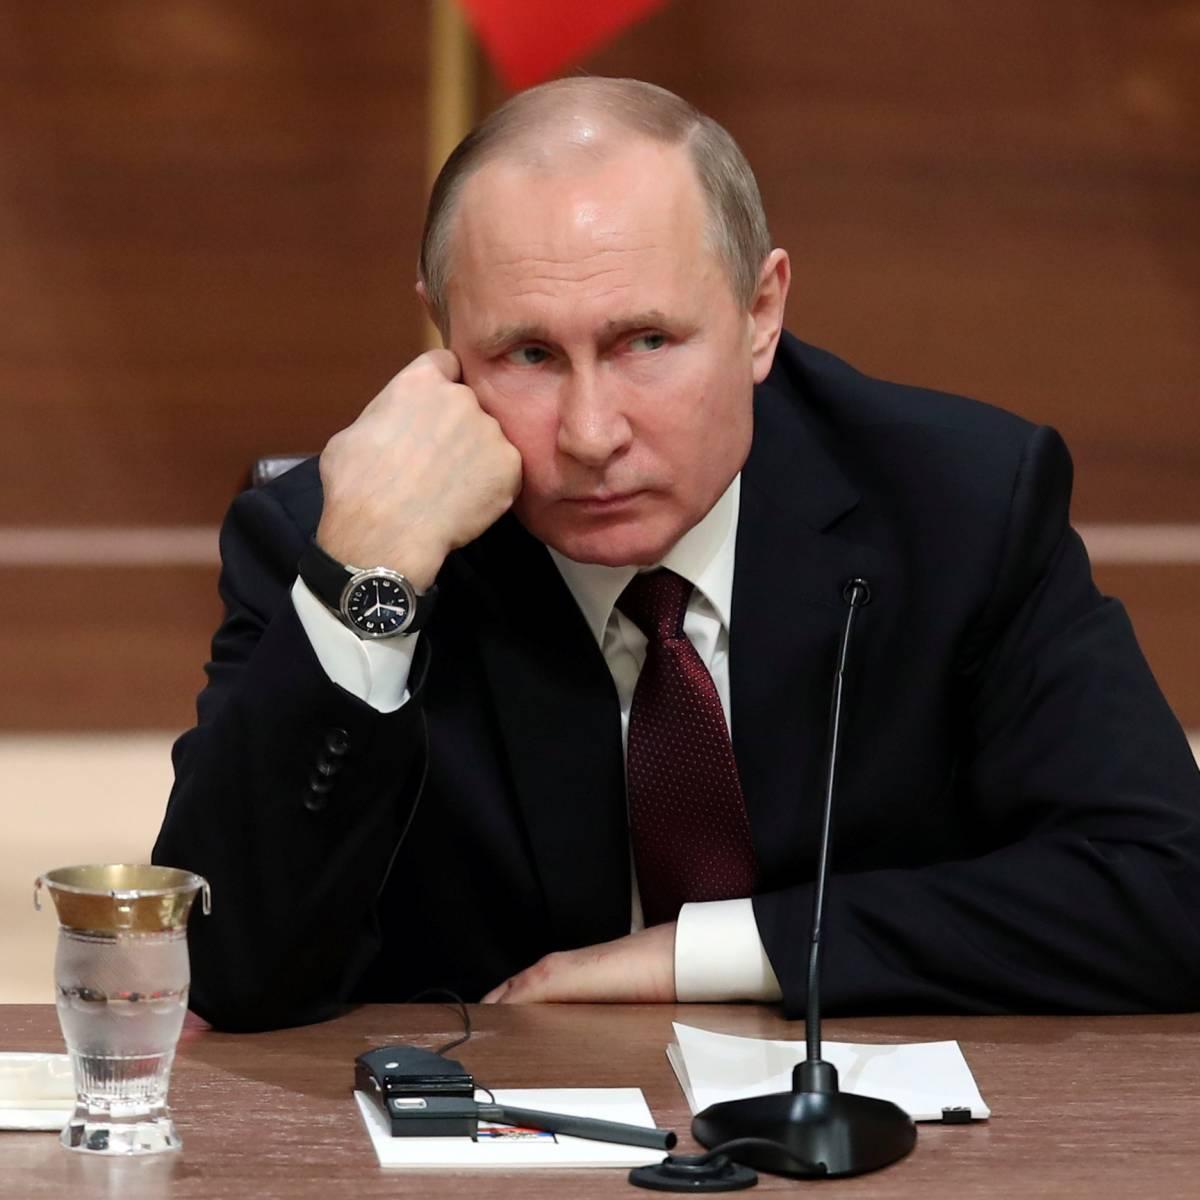 Украинские коррупционеры крадут, чтобы противостоять Путину